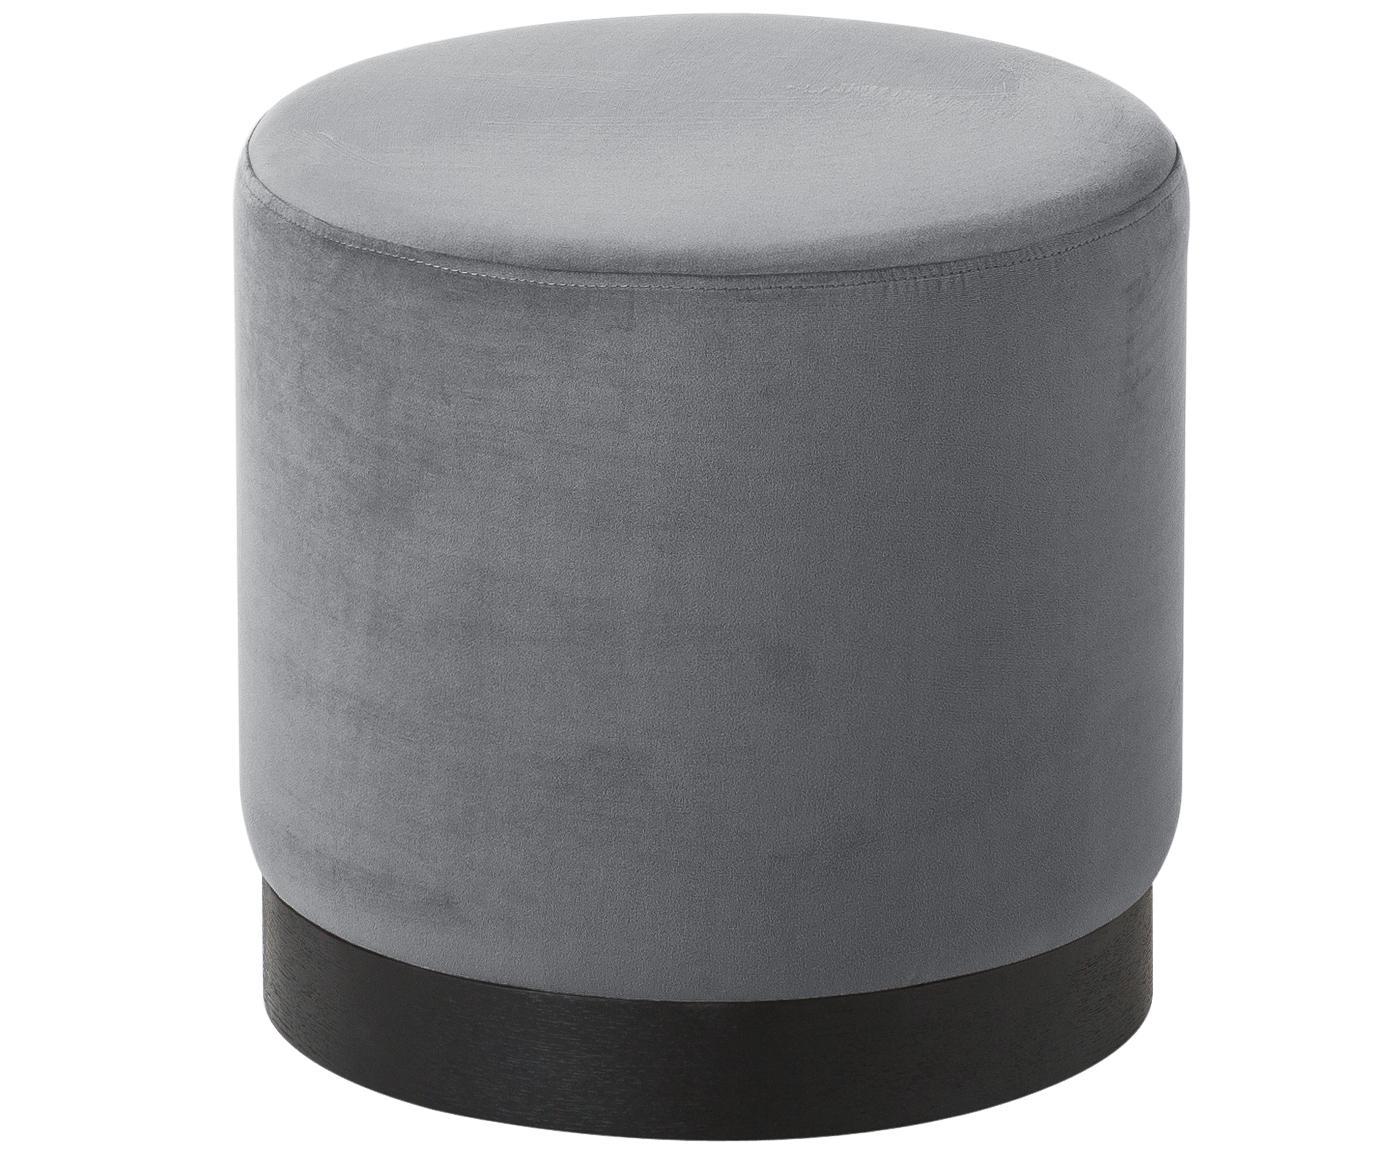 Puf de terciopelo Azalea, Tapizado: terciopelo (poliéster) 15, Tapizado: gris claro Base: madera de fresno, pintada en negro, Ø 40 x Al 39 cm